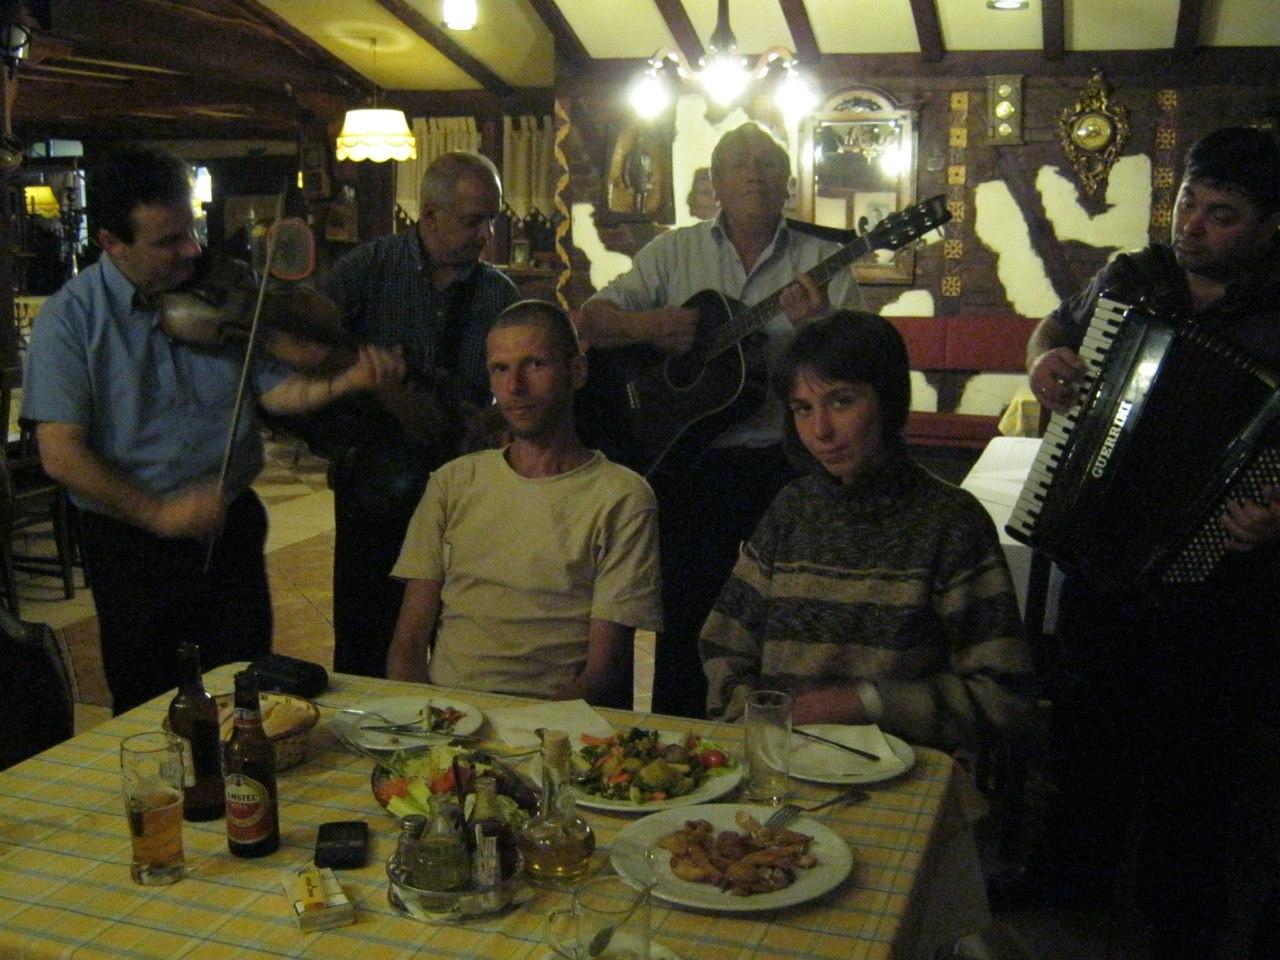 Музыканты в ресторане играют музыку для русских гостей